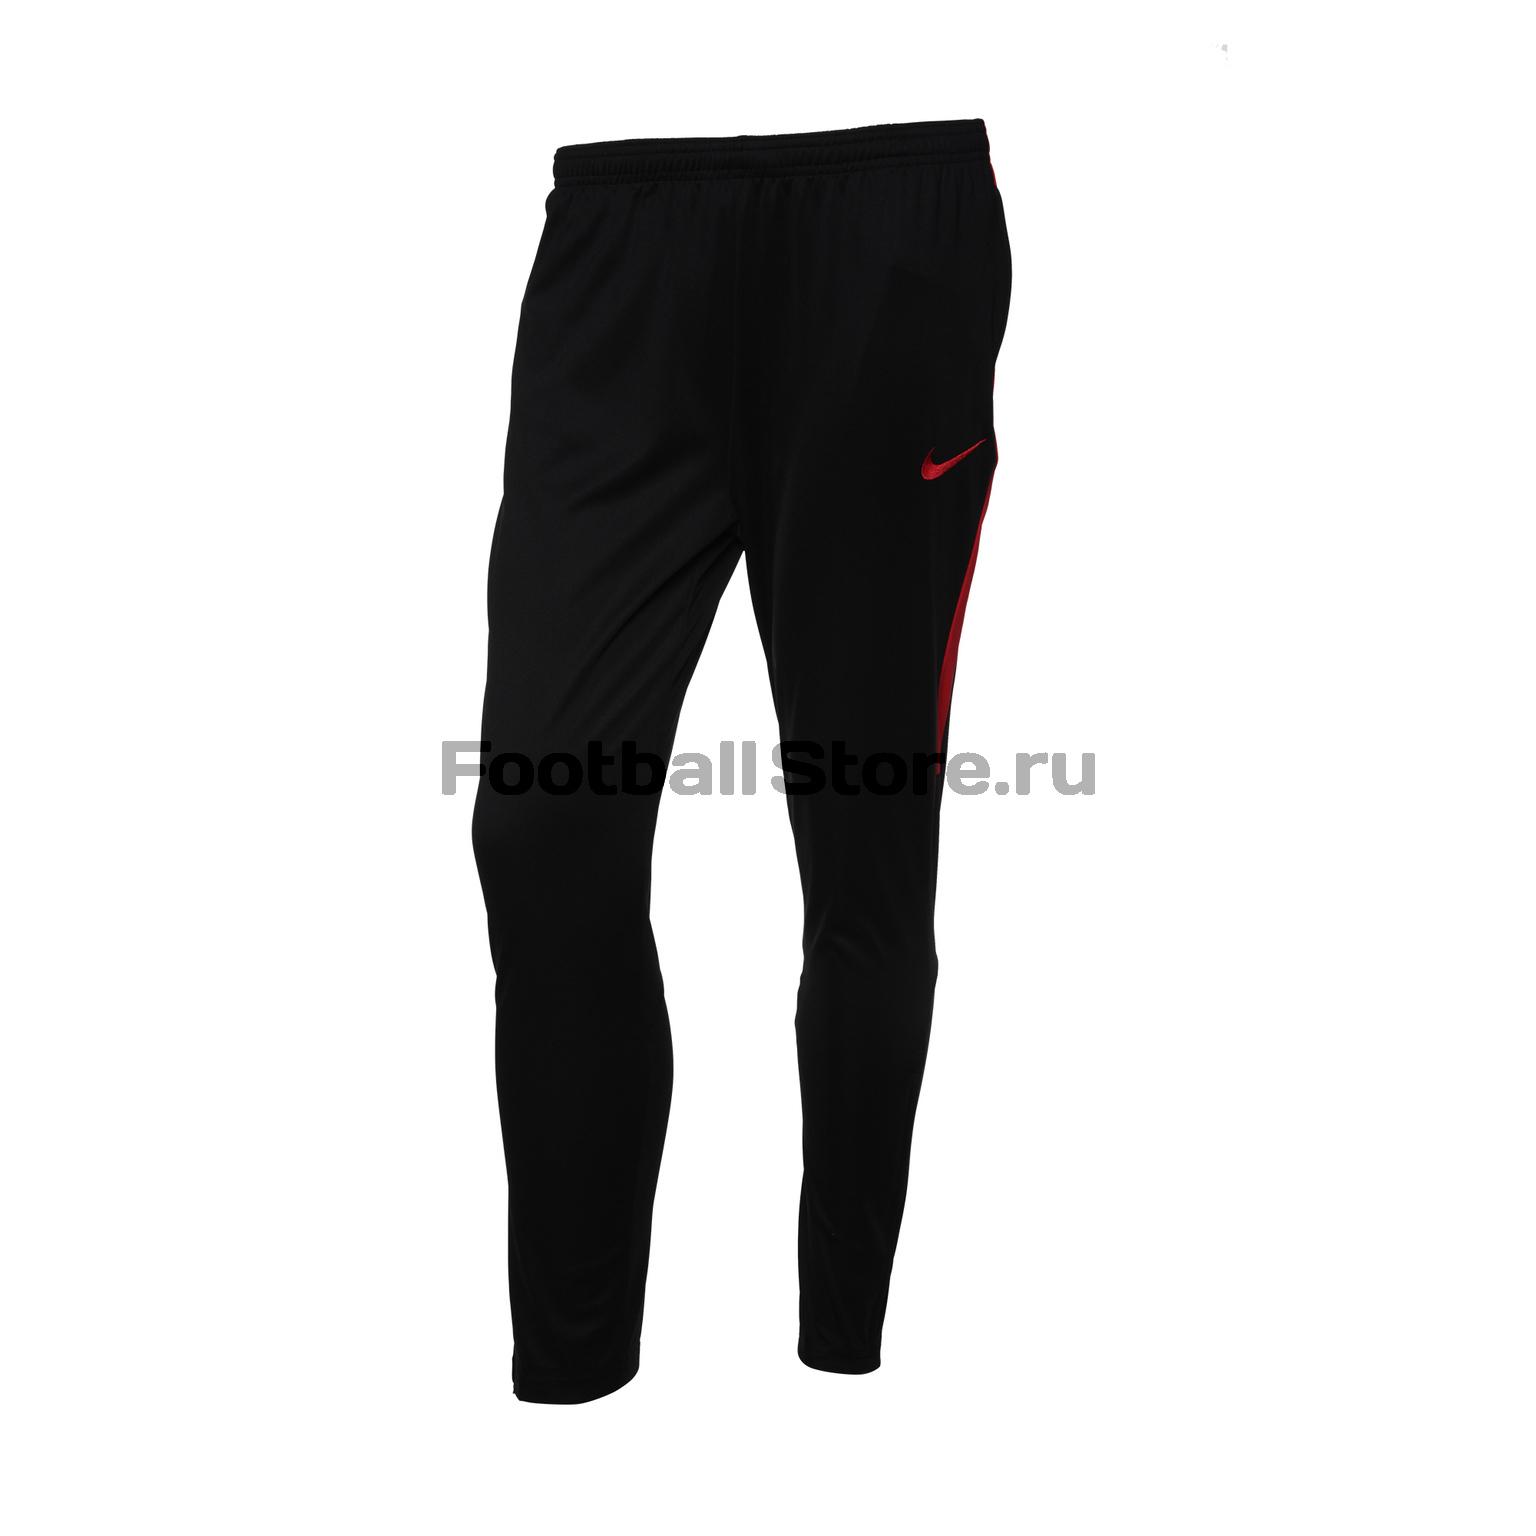 Брюки тренировочные Nike DRY Academy 839363-019 кроссовки nike tokicc 599441 019